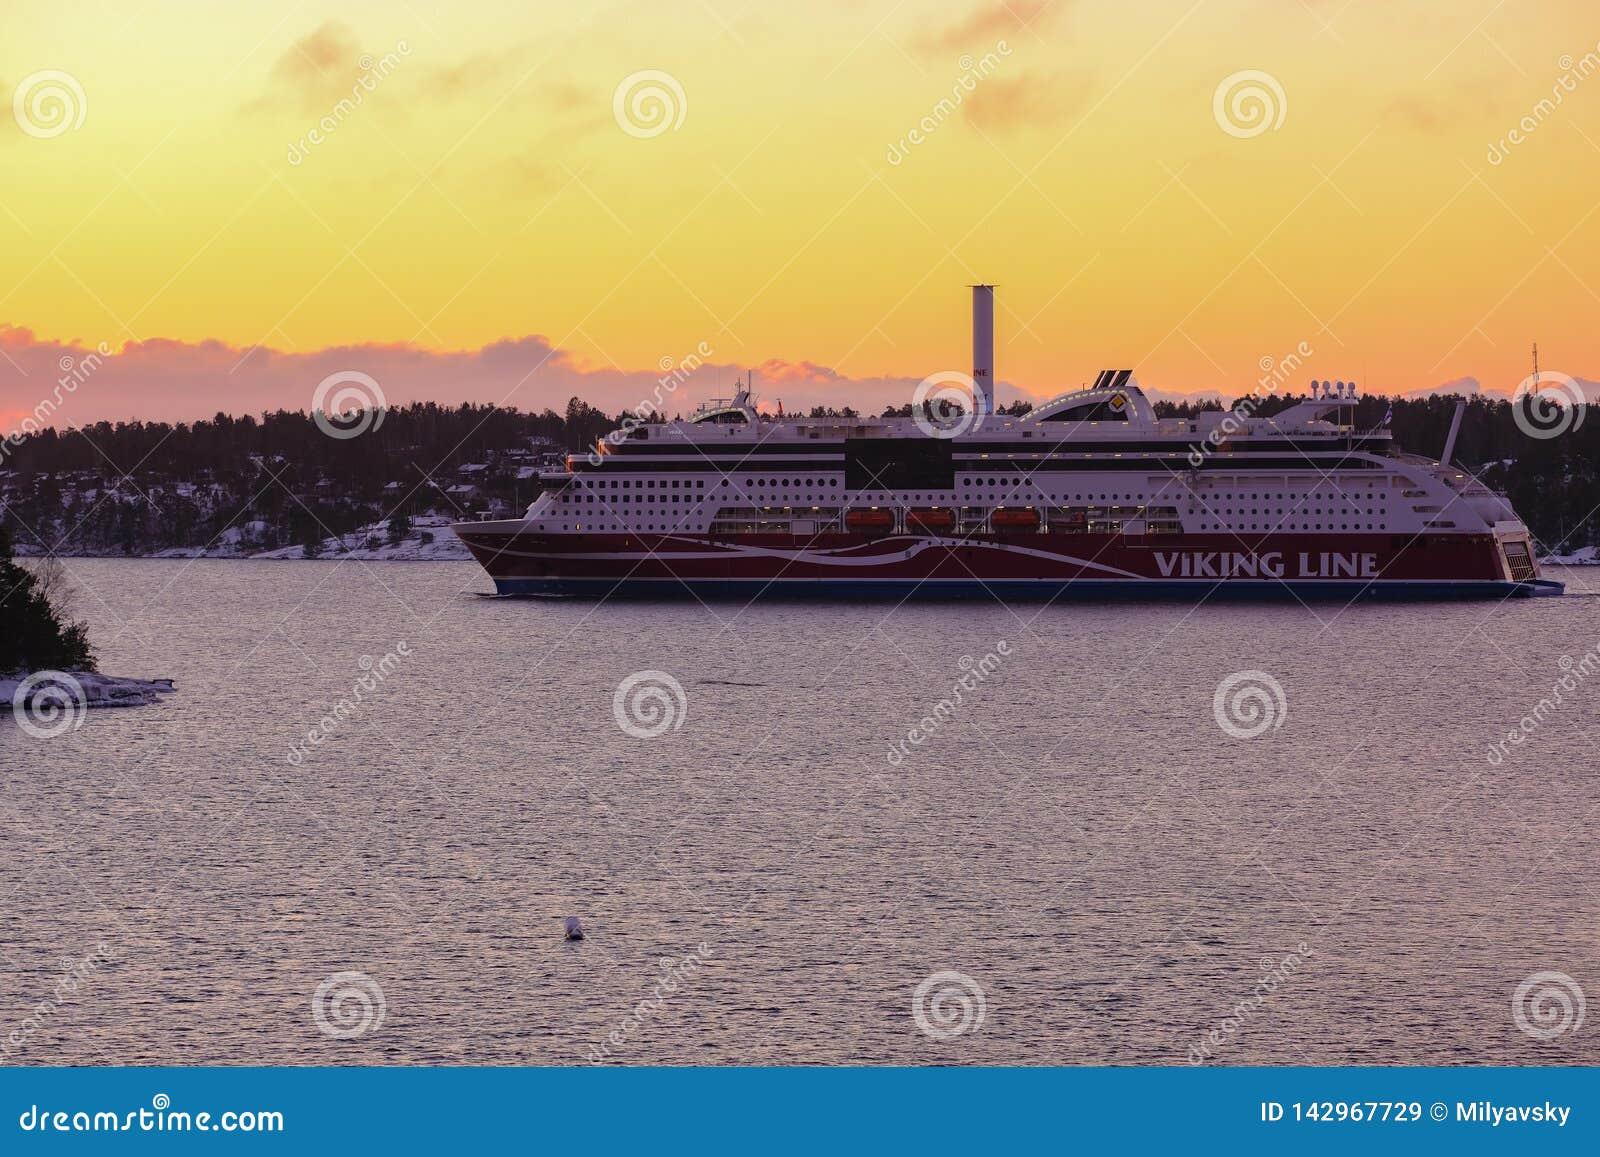 Viking-de voering van de lijncruise, zonsondergang